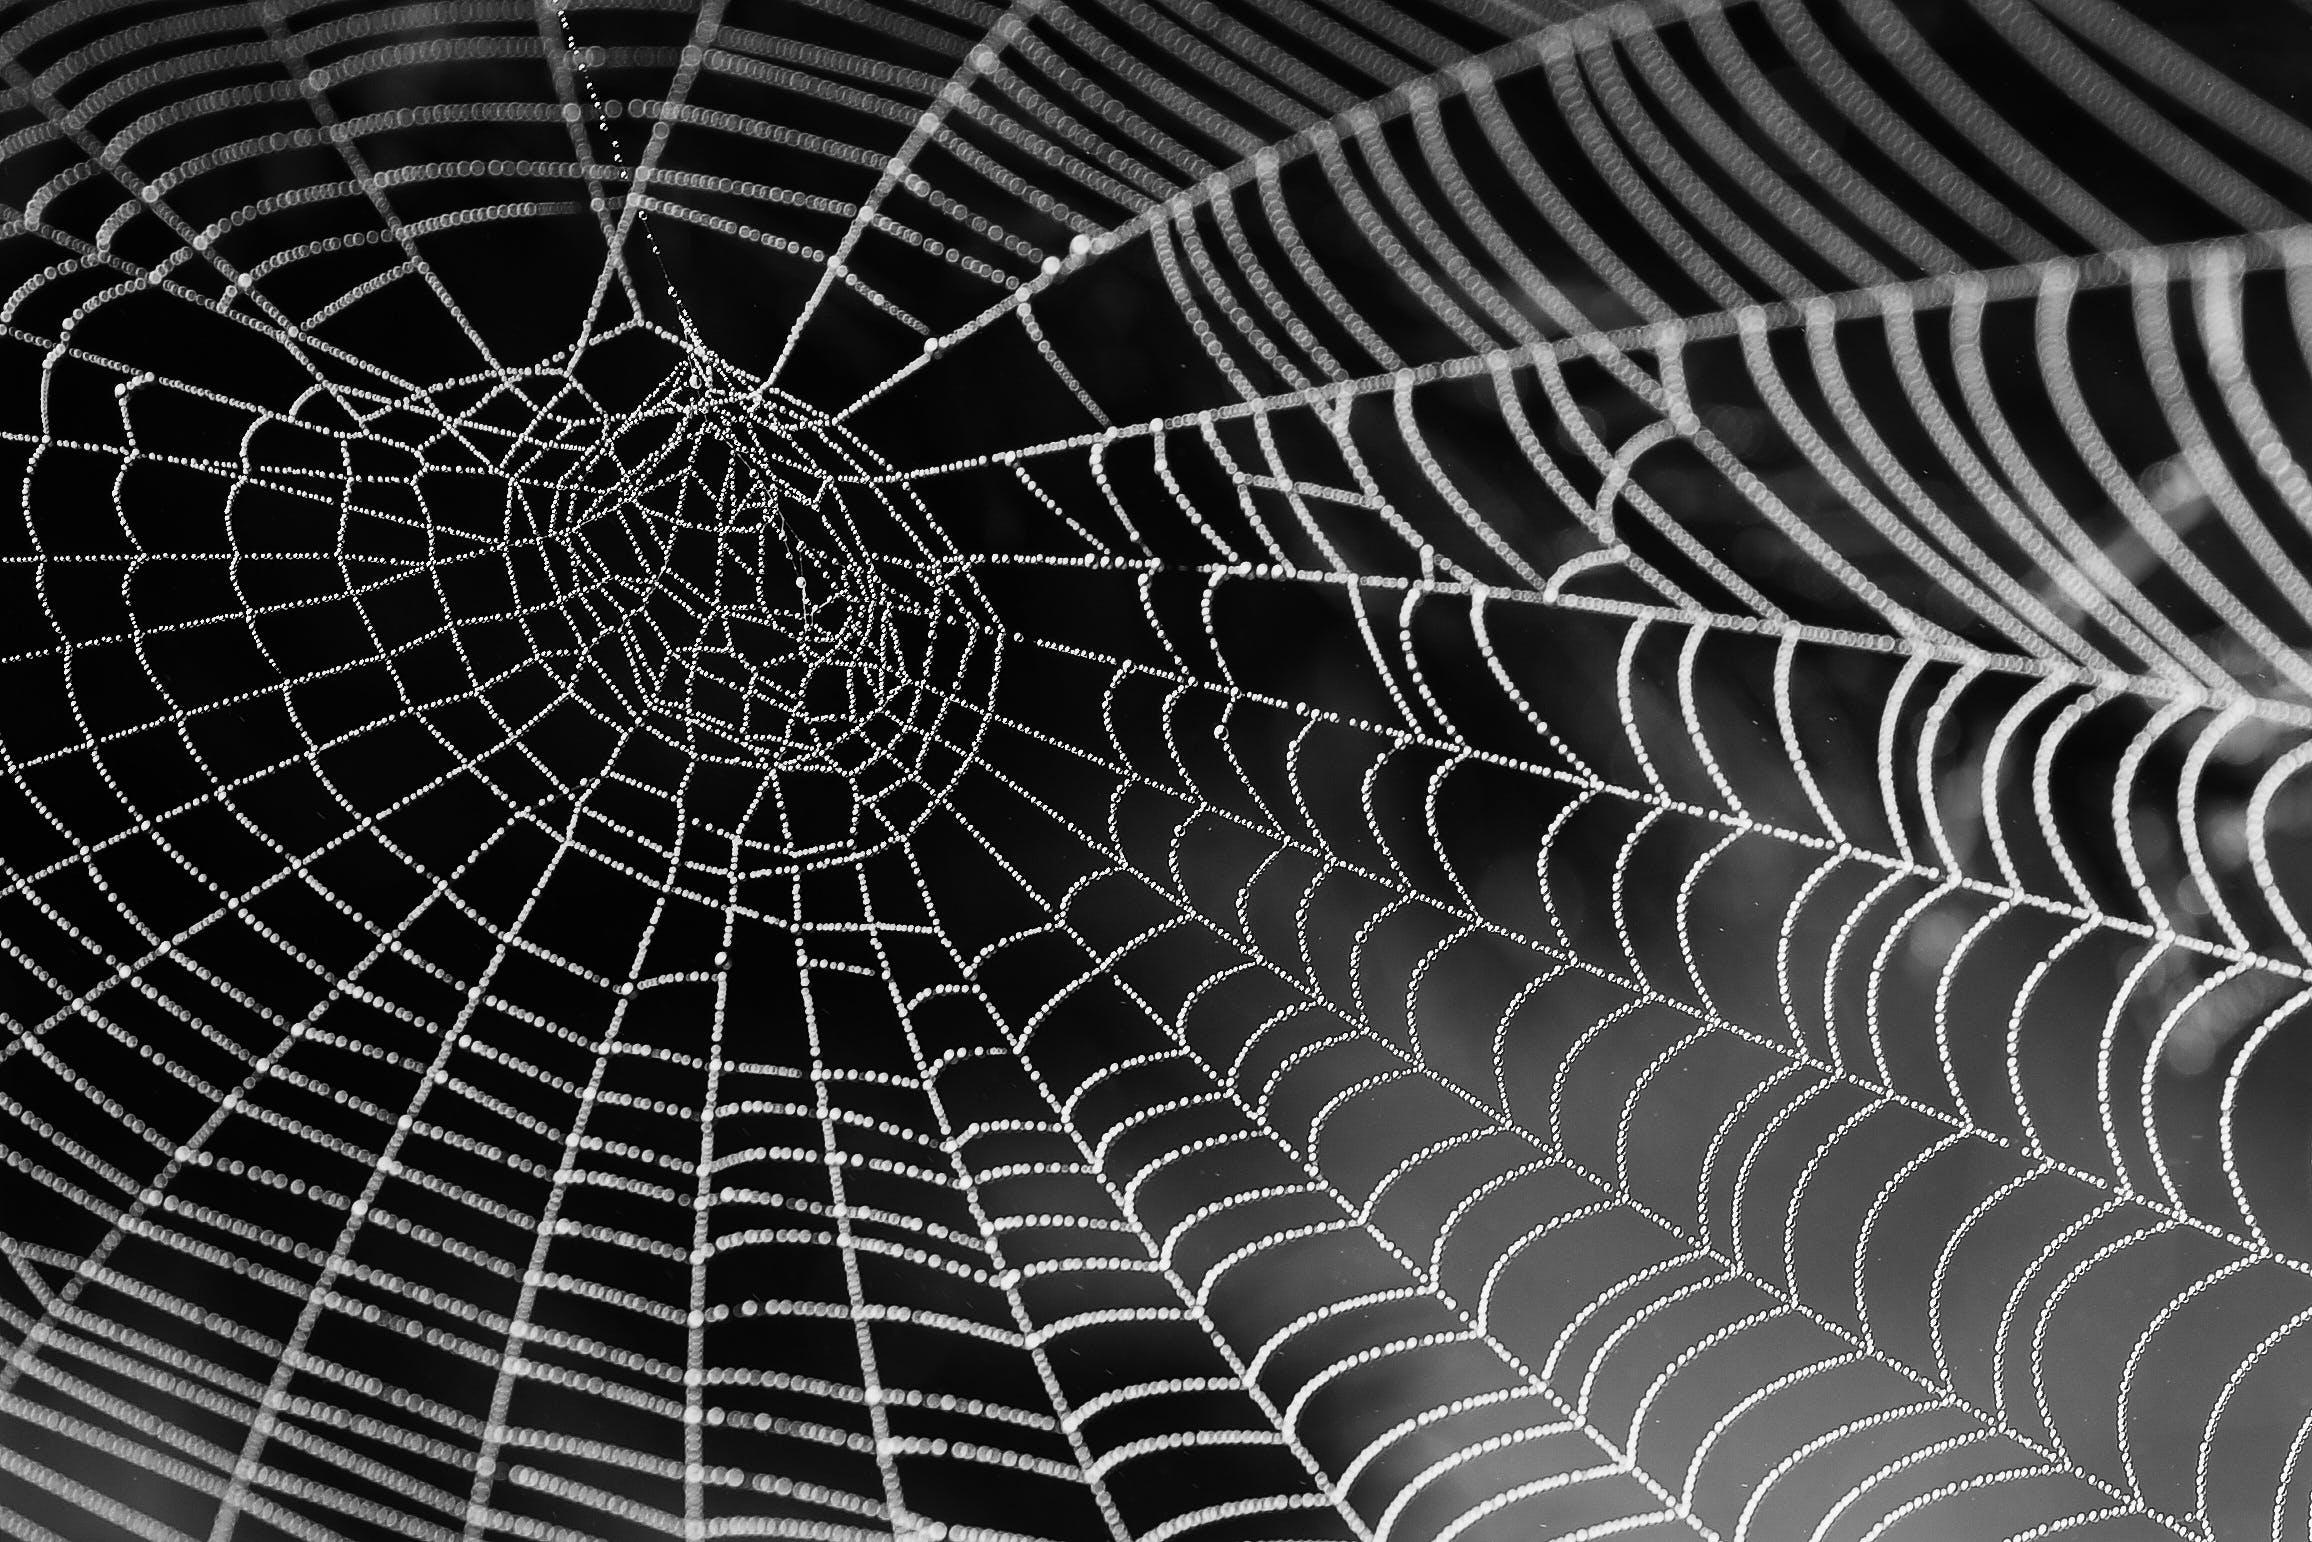 Kostenloses Stock Foto zu netz, schwarz und weiß, spinne, spinnennetz